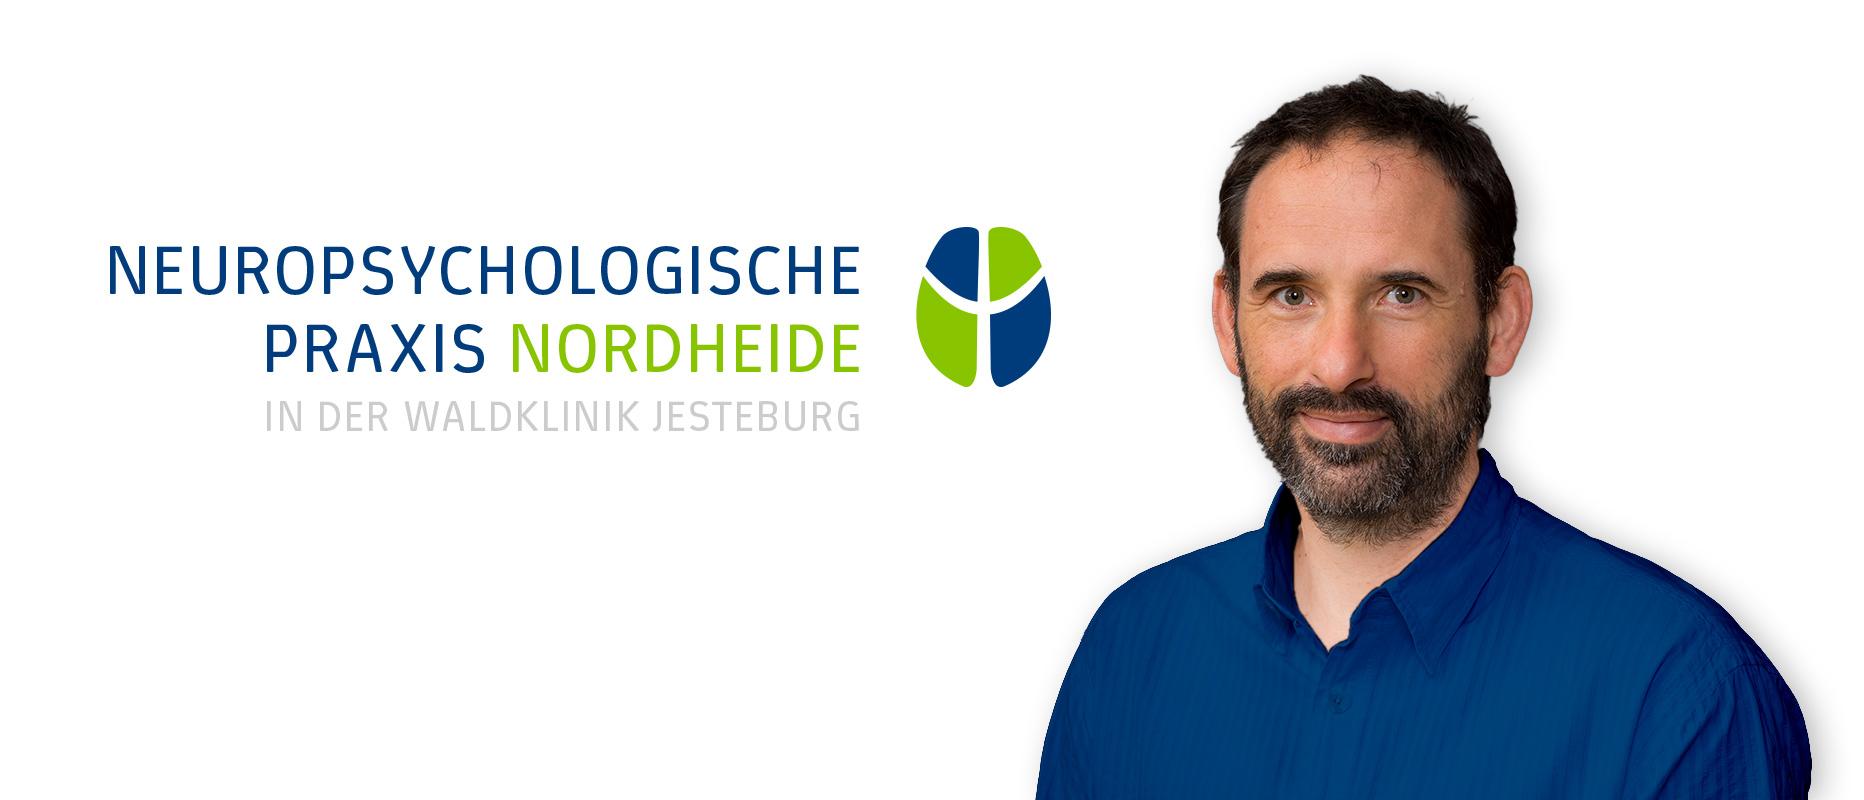 Neuropsychologische-Praxis-Nordheide-Wolfgang-Danneil